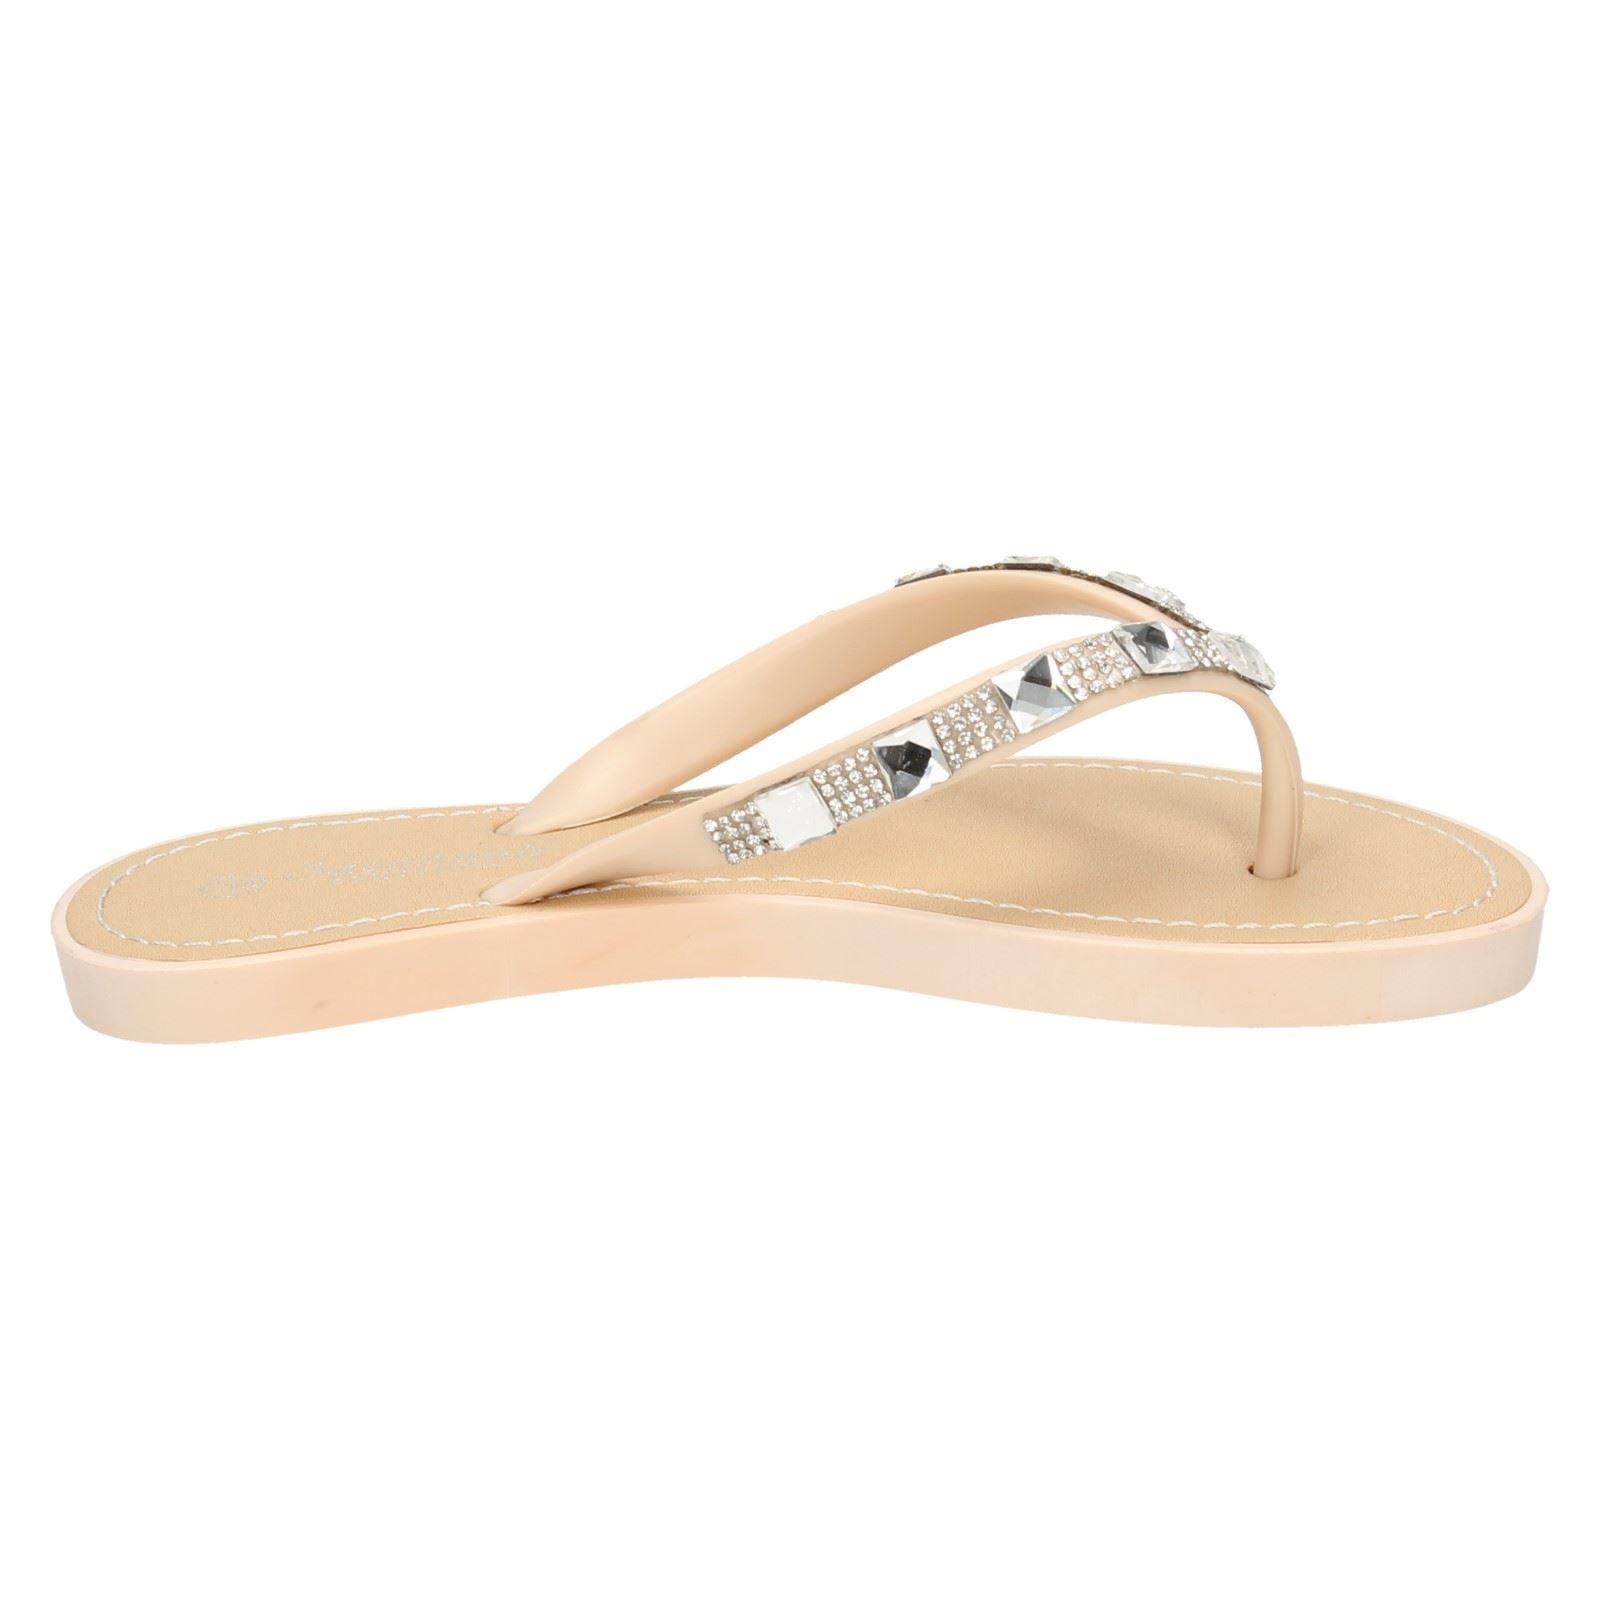 Sandalias de verano señoras de la Sabana Toe Post F0791 estilo ~ K